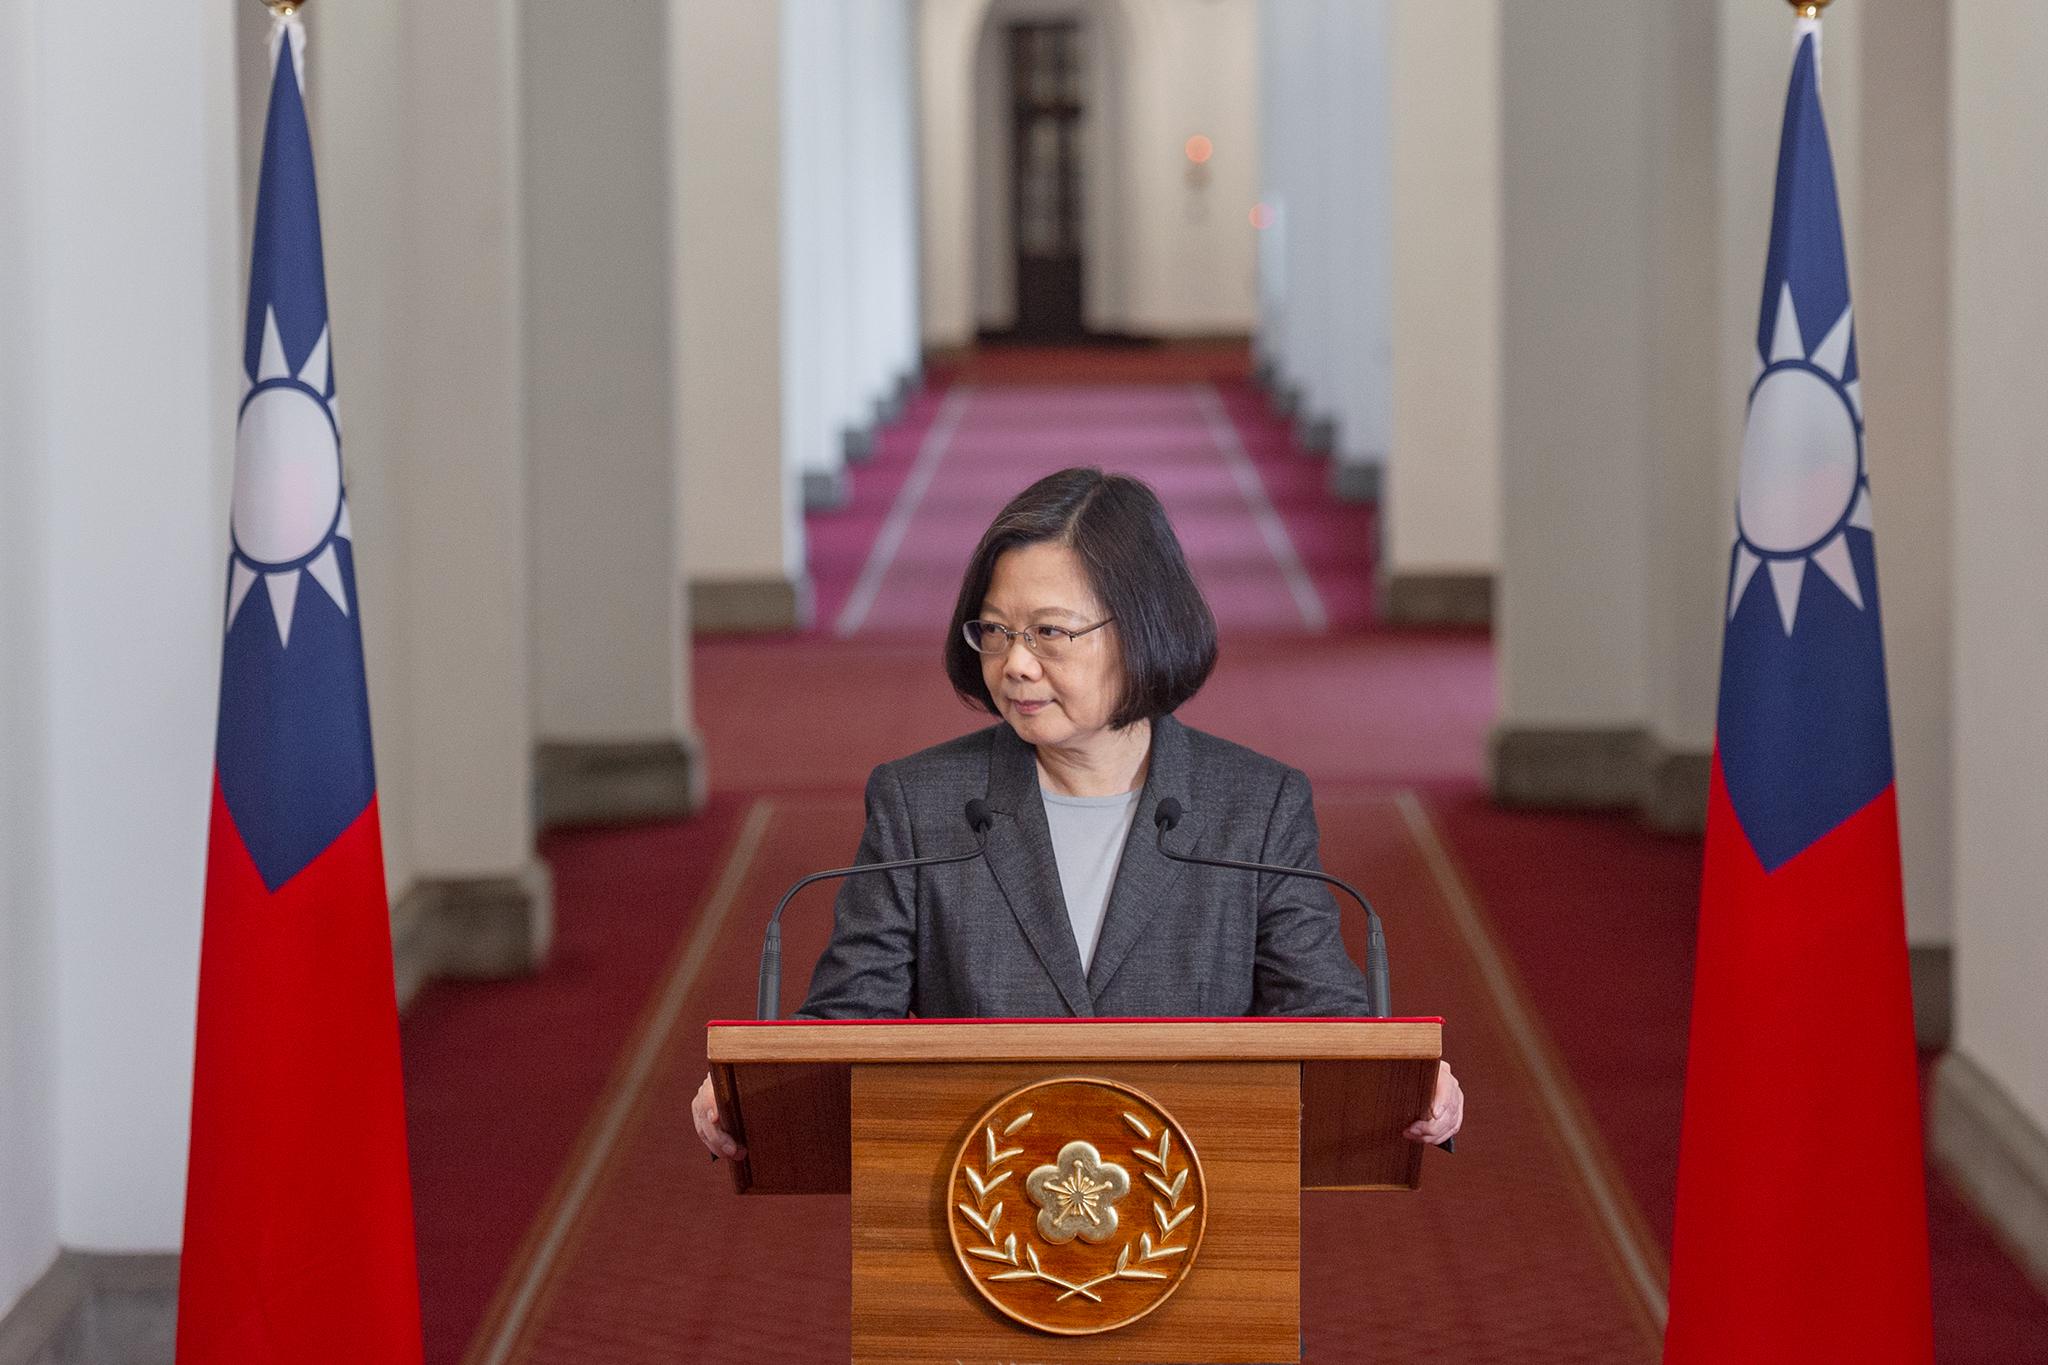 筆者認為,目前台灣人跟美國人面臨的共同危機,就在於蔡英文的中華民國政府。圖片來源:Taiwan Presidential Office/Flickr